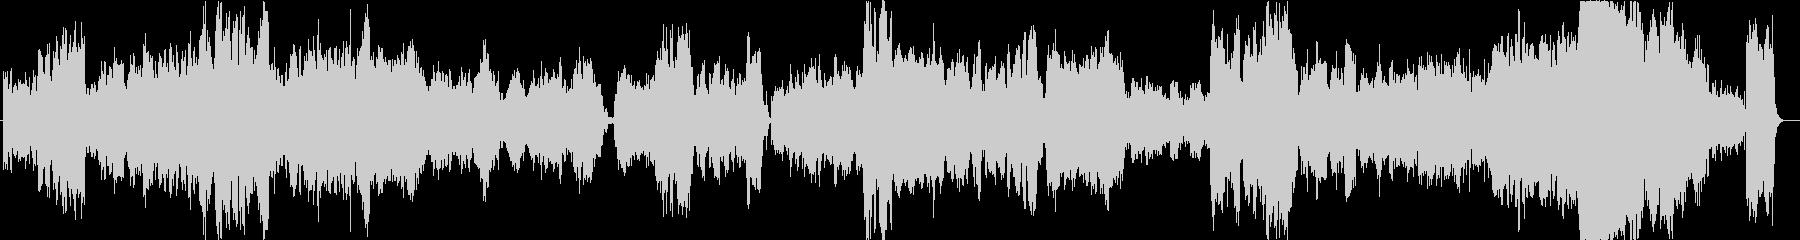 2つのアラベスク第1番オーケストラ編曲版の未再生の波形